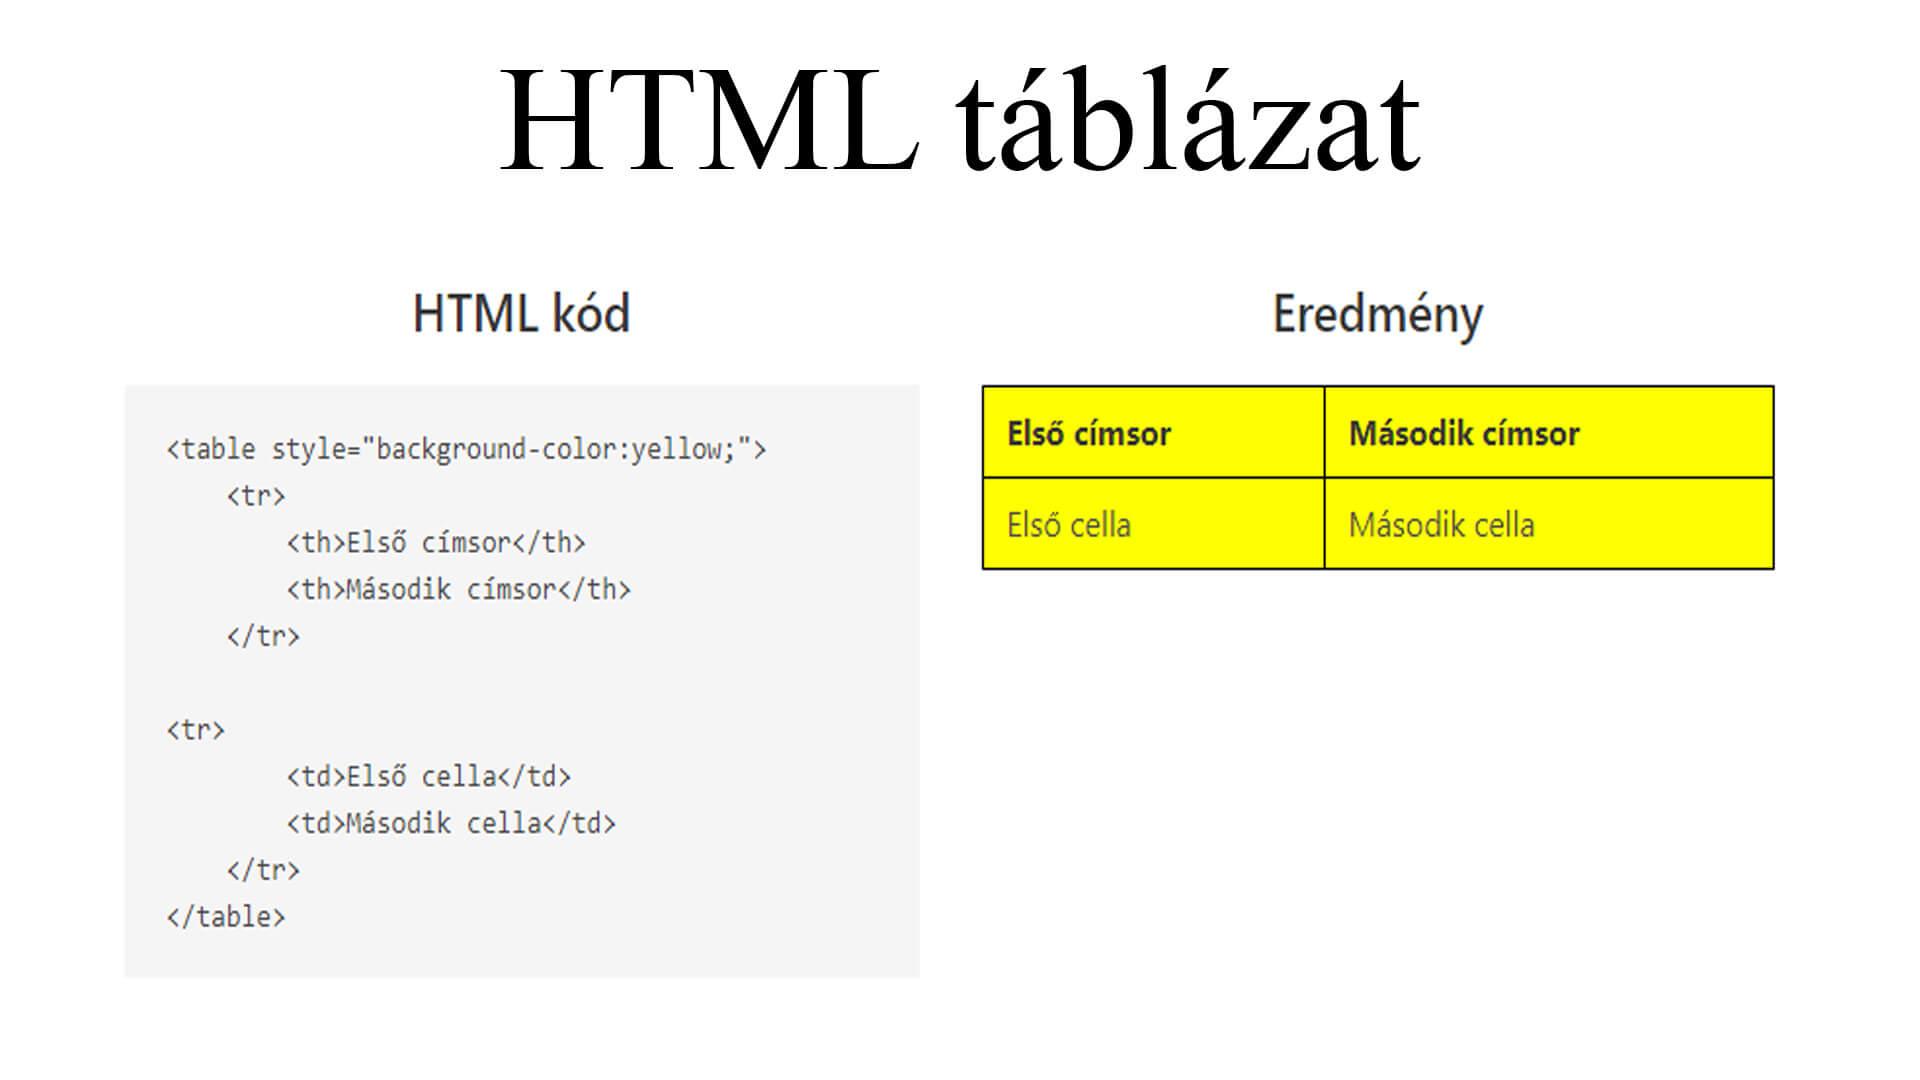 HTML táblázat készítés (HTML table) cikk nyitóképe